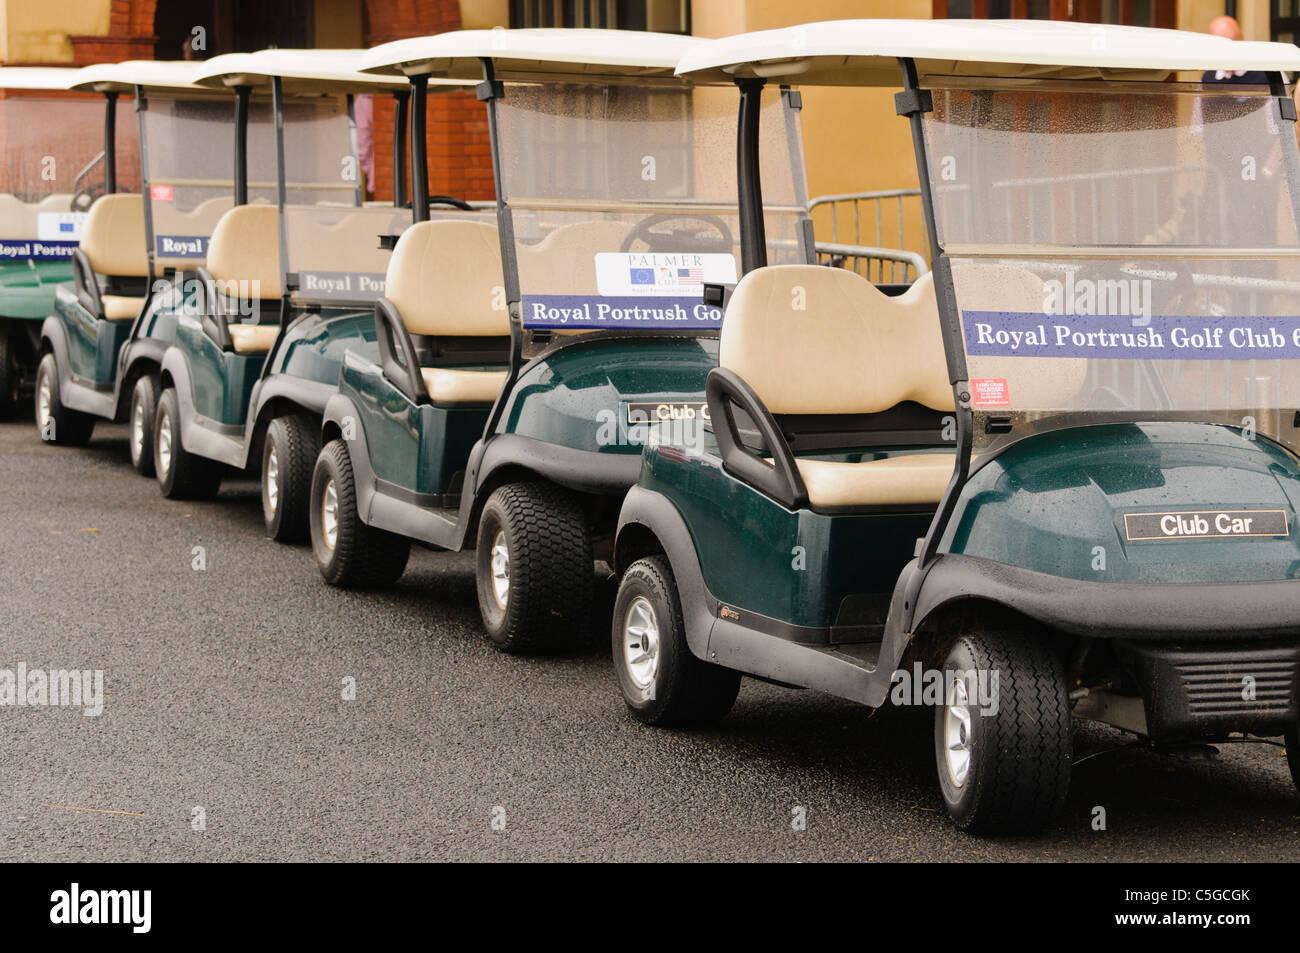 Golf carts at Royal Portrush Golf Club - Stock Image